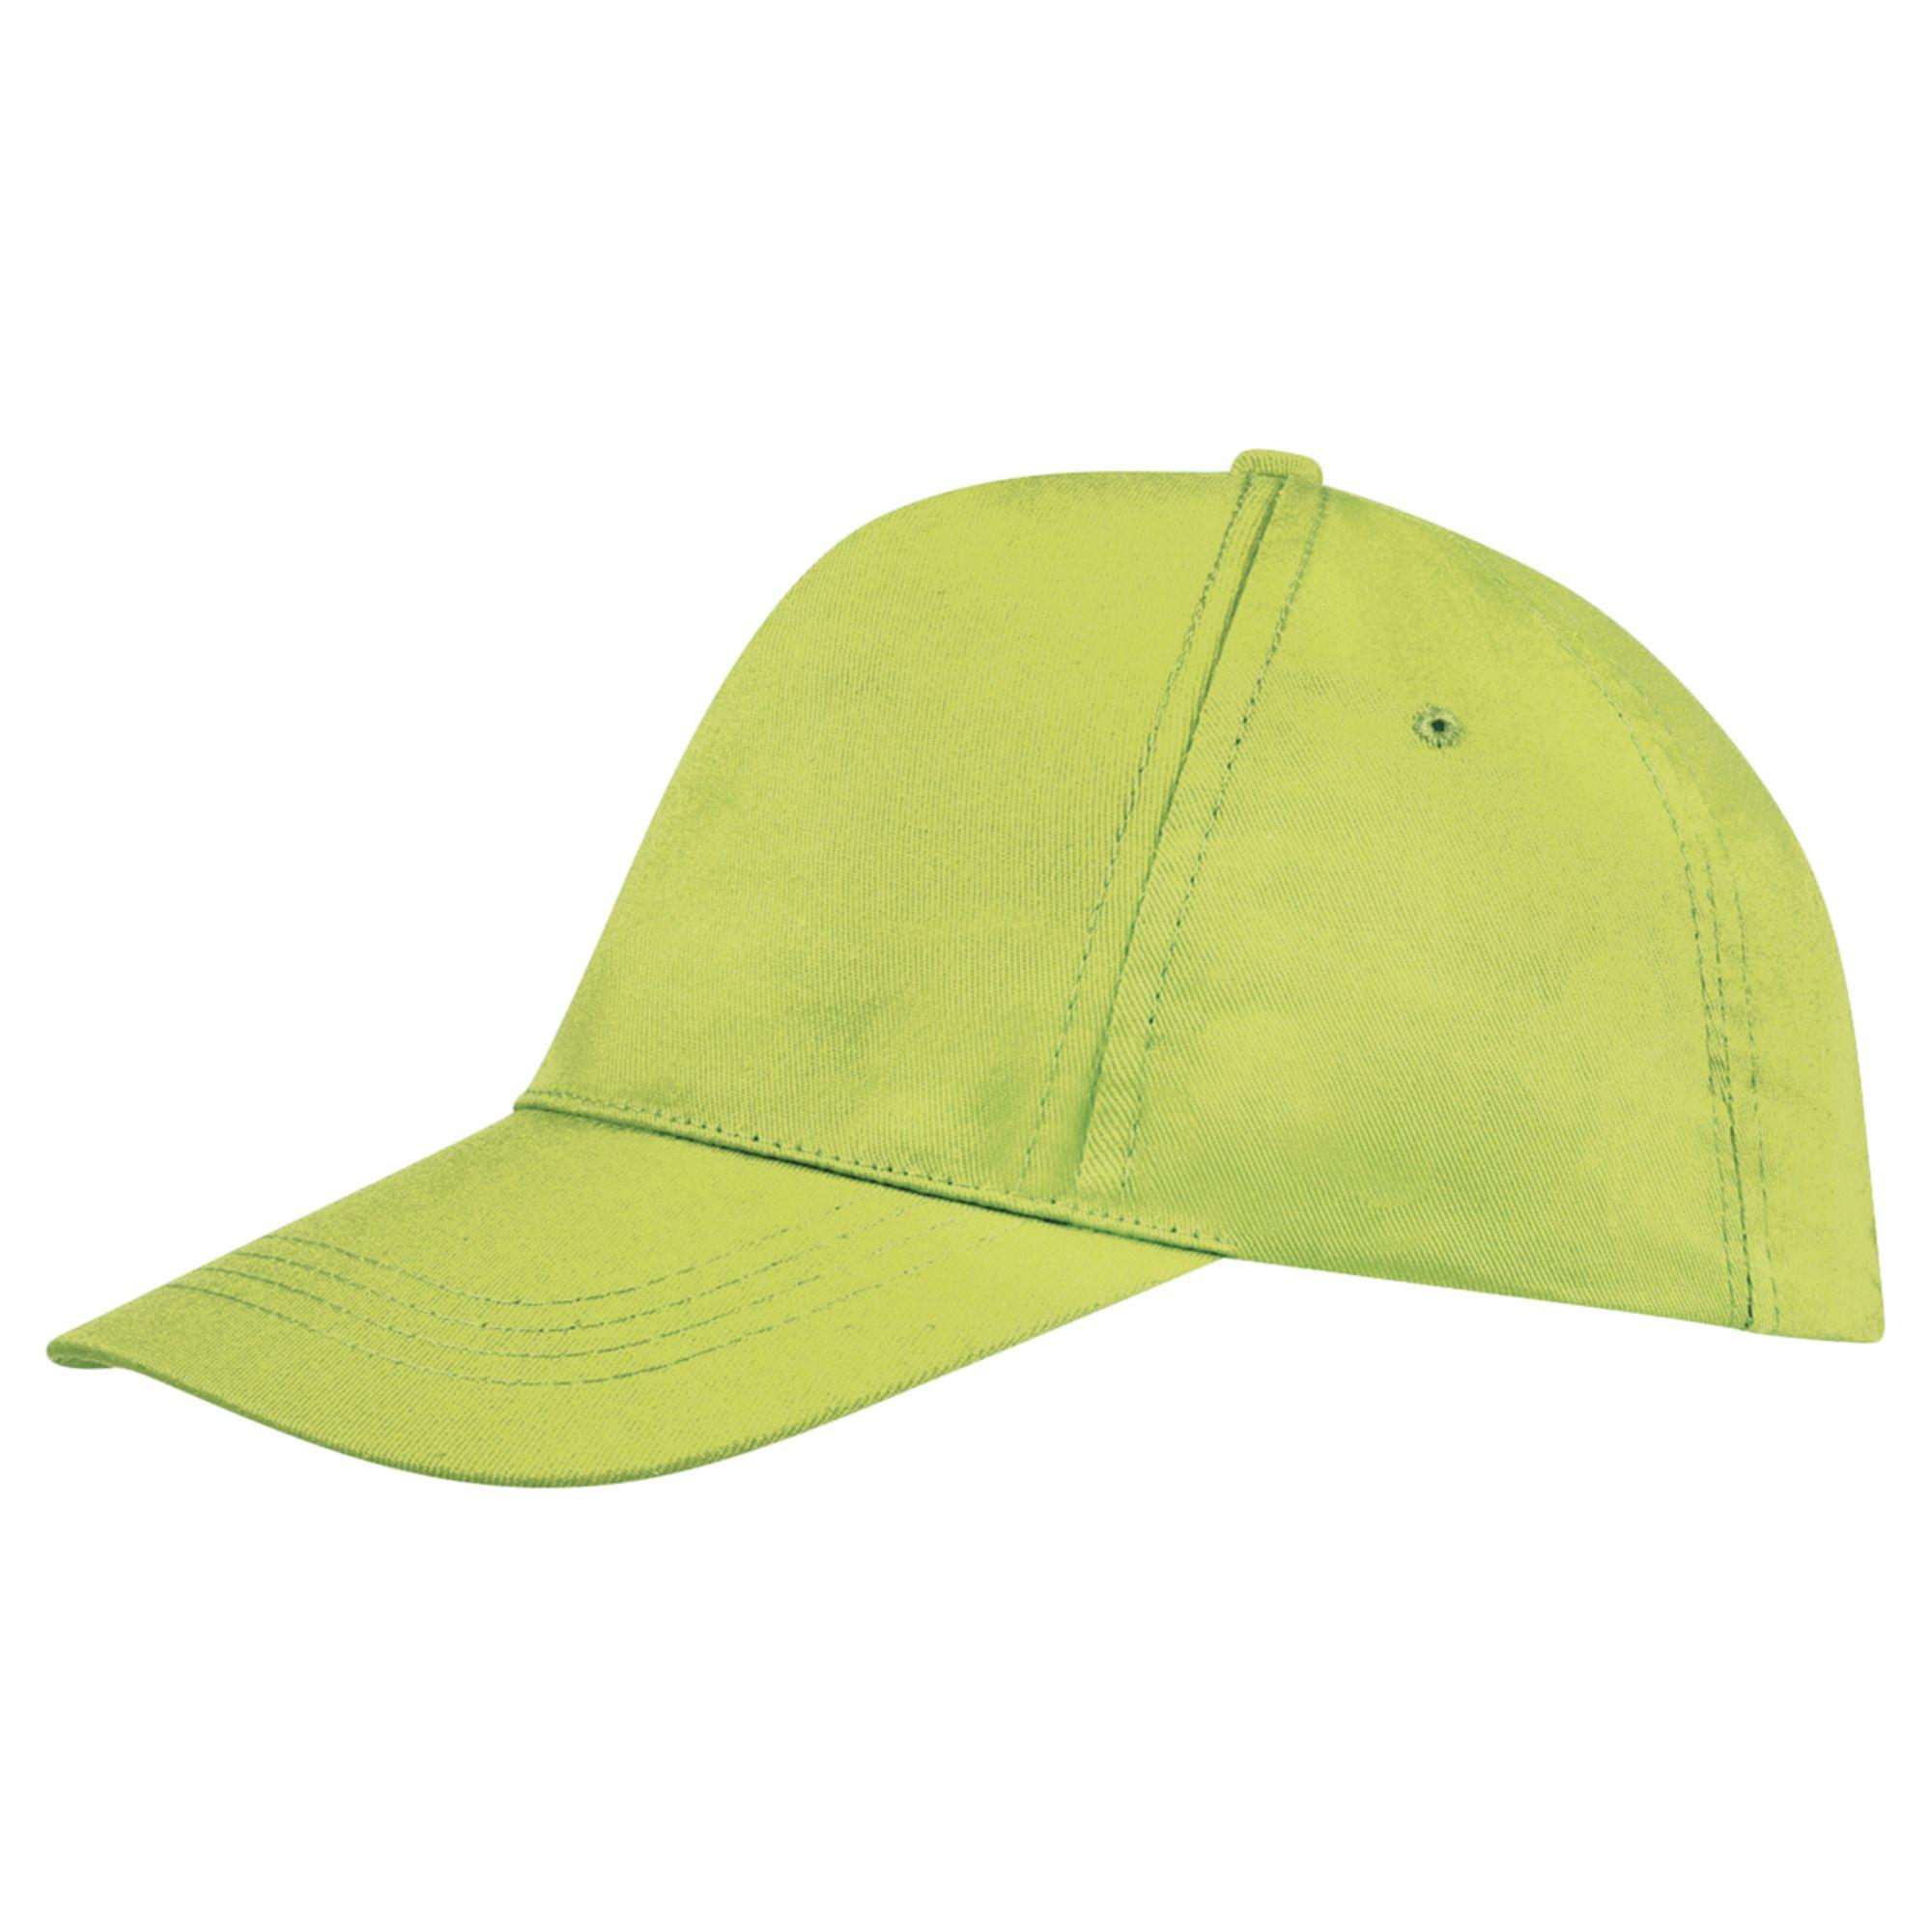 Бейсболка Buzz, зеленое яблоко